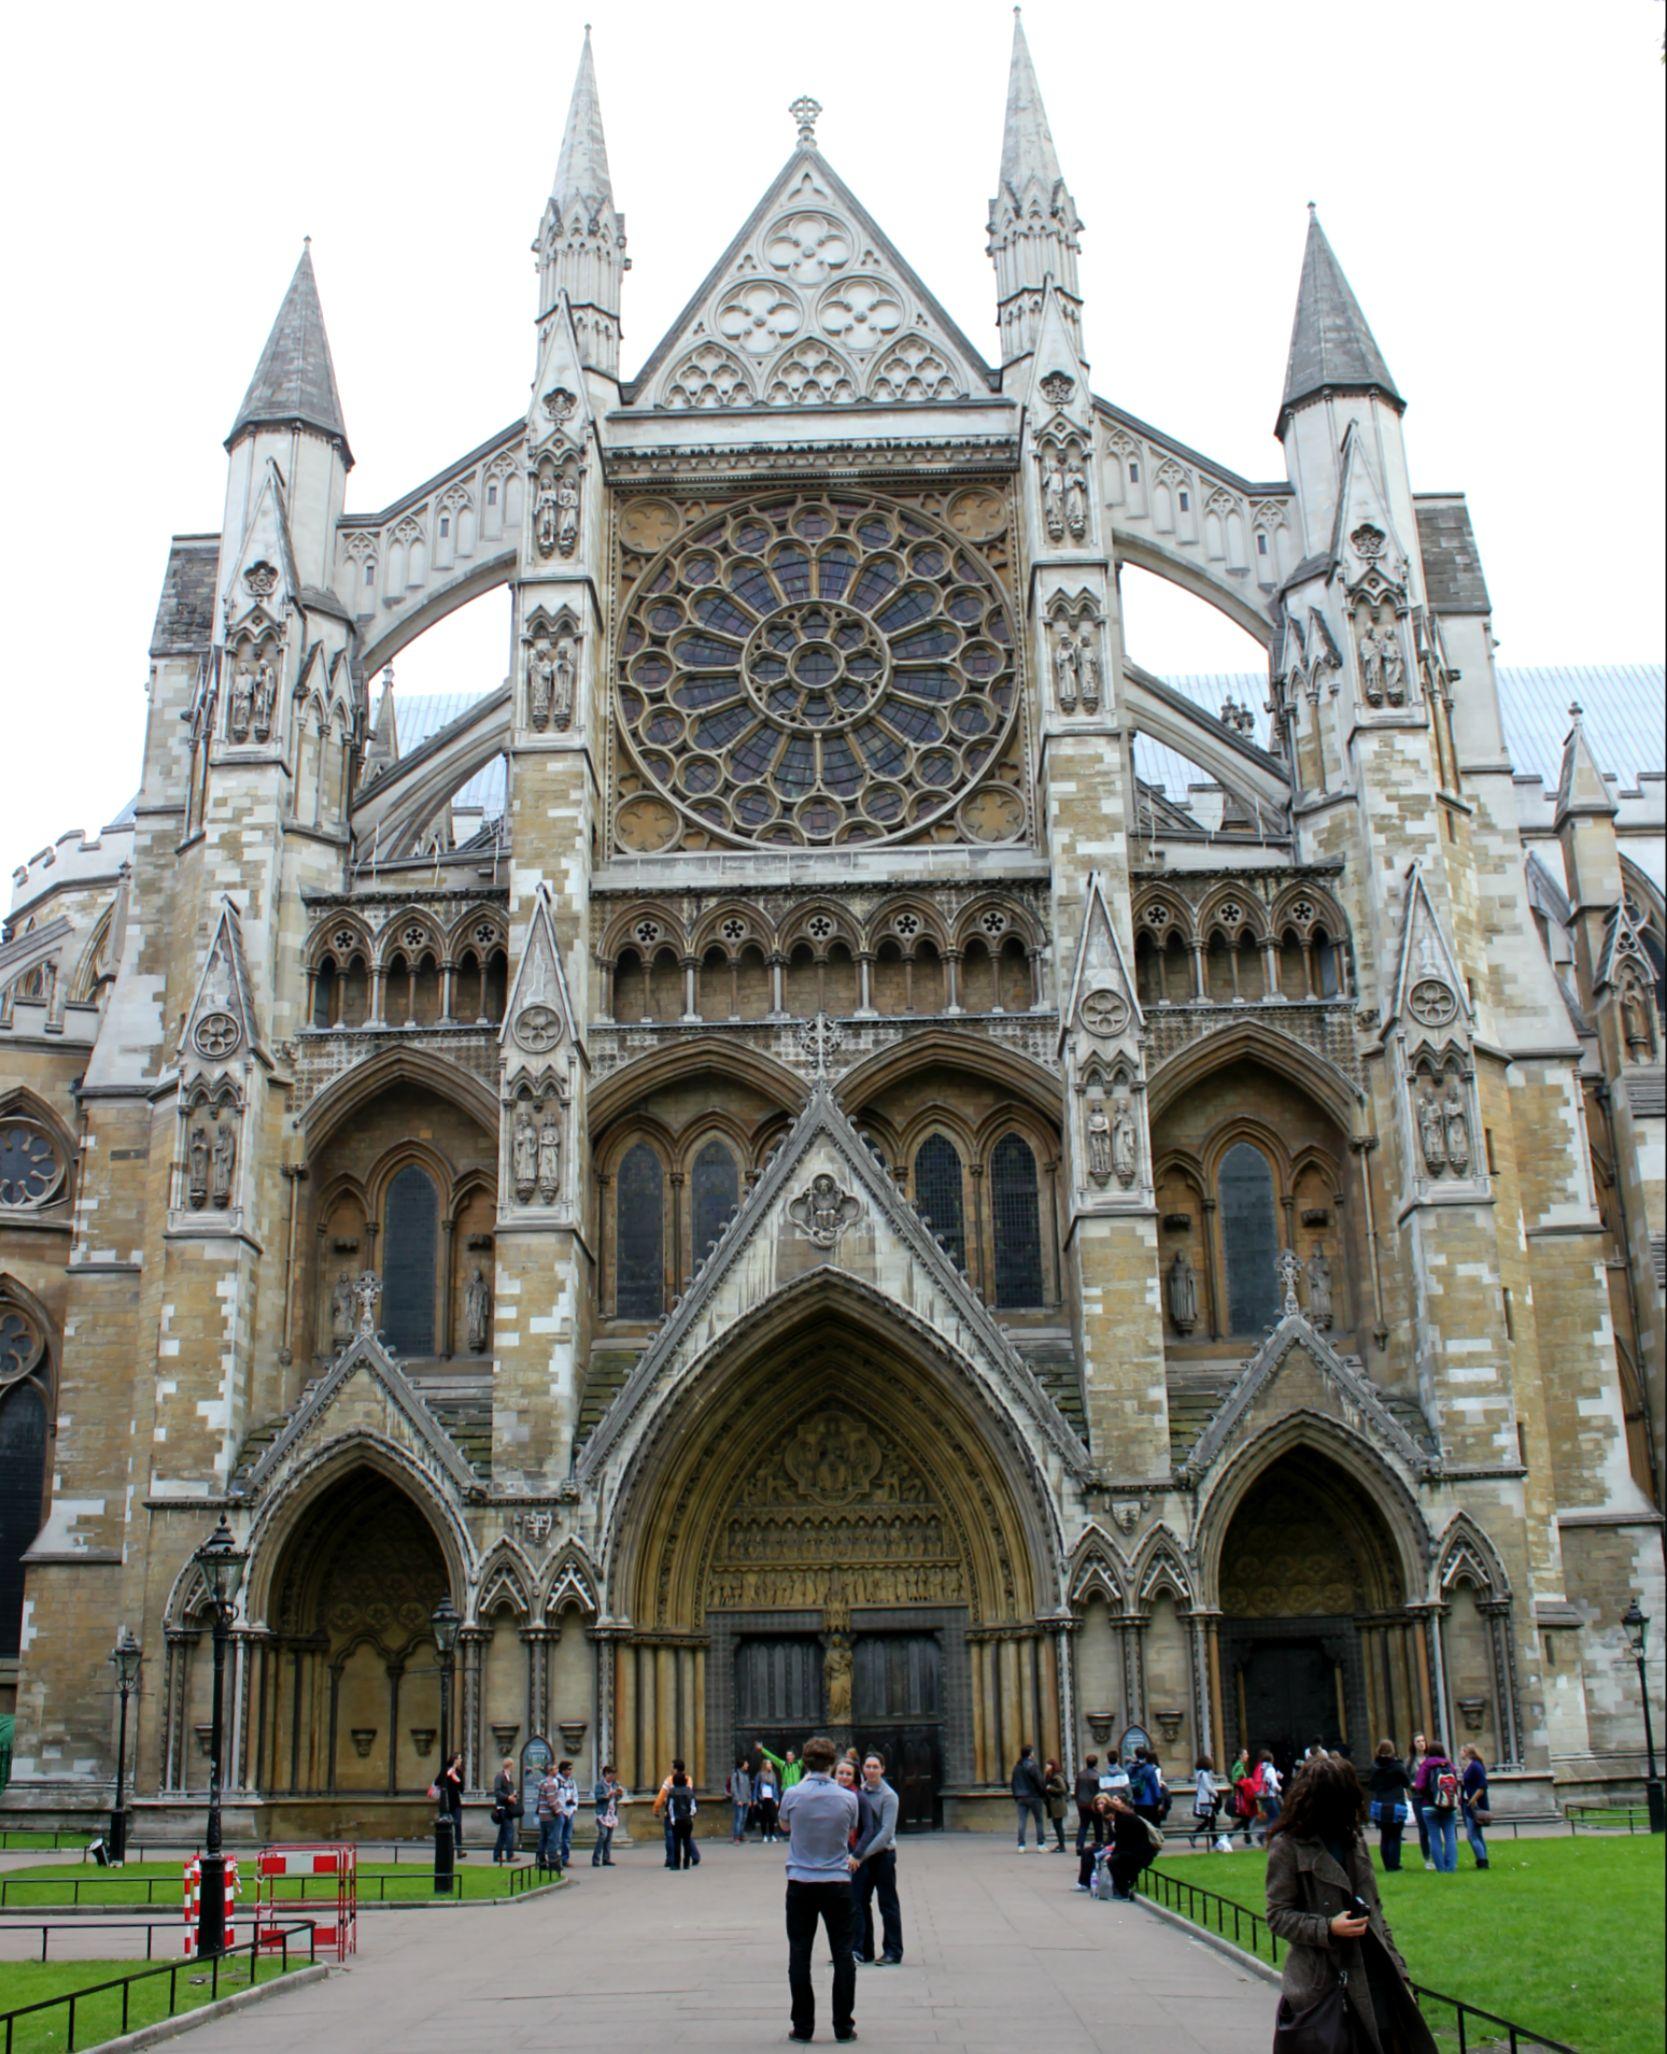 mosteiro de westminster abby